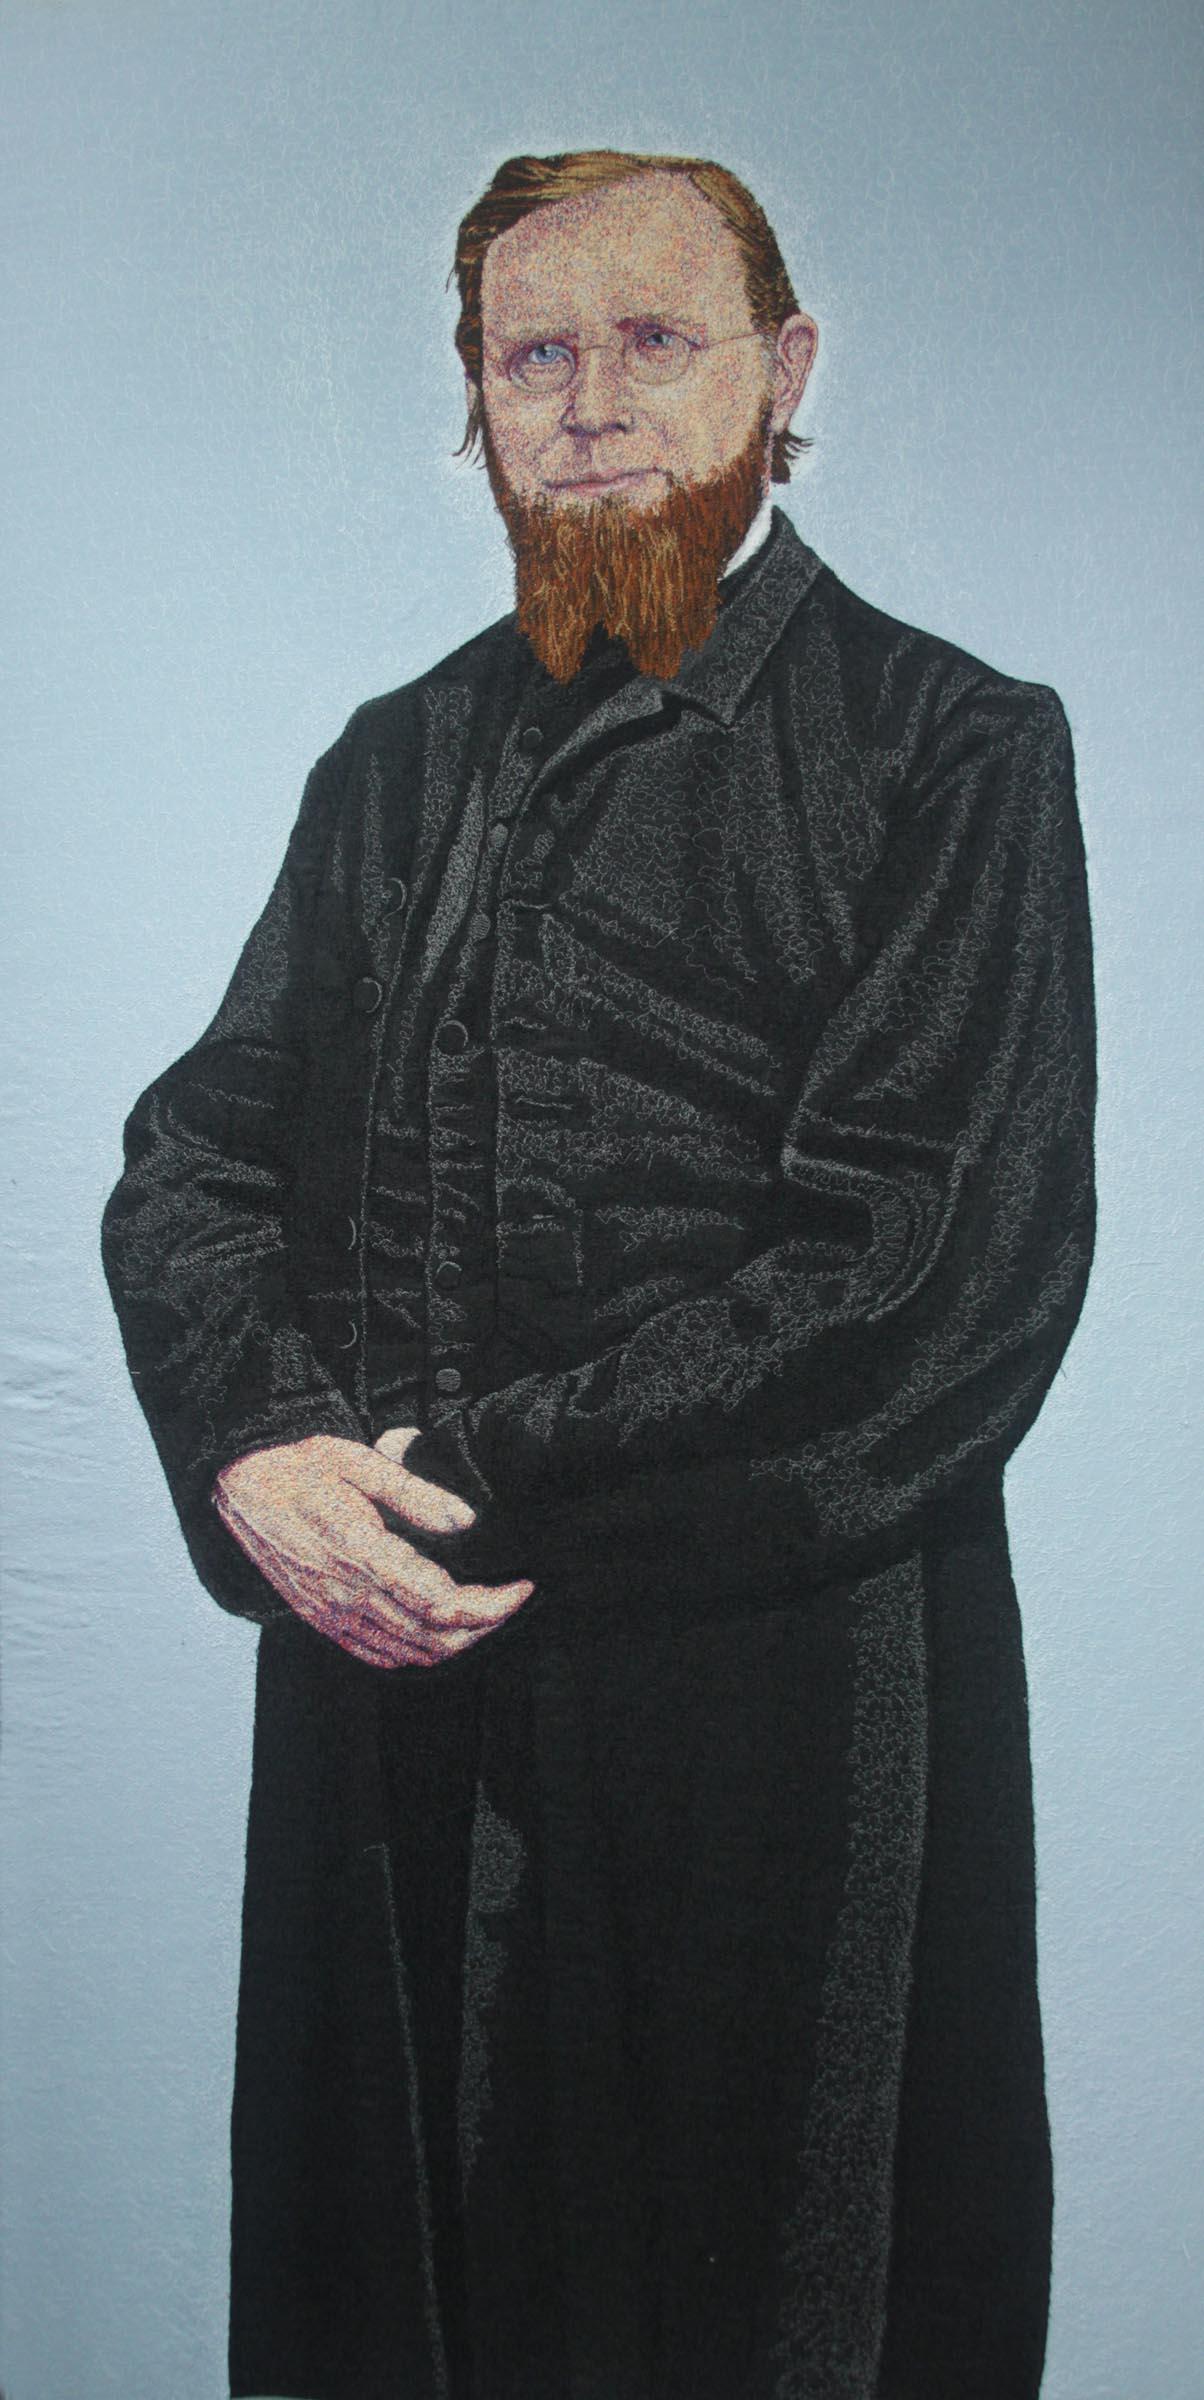 Fr. Isaac Hecker